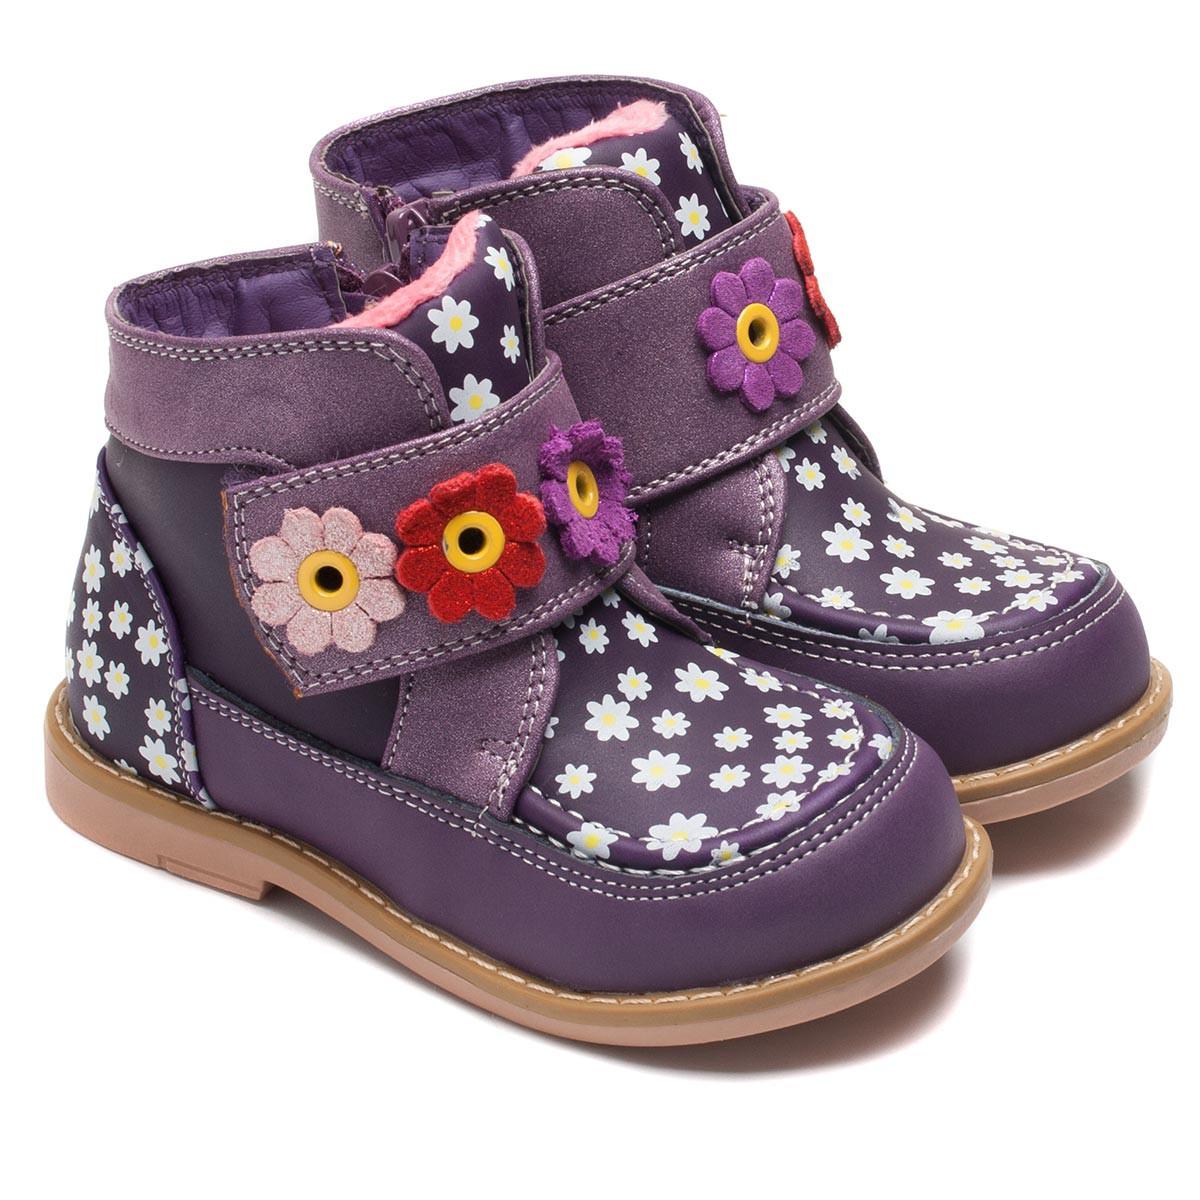 b6de937fb Демисезонные ботинки Шалунишка - Ортопед, для девочки, ортопедические,  размер 20-25 -